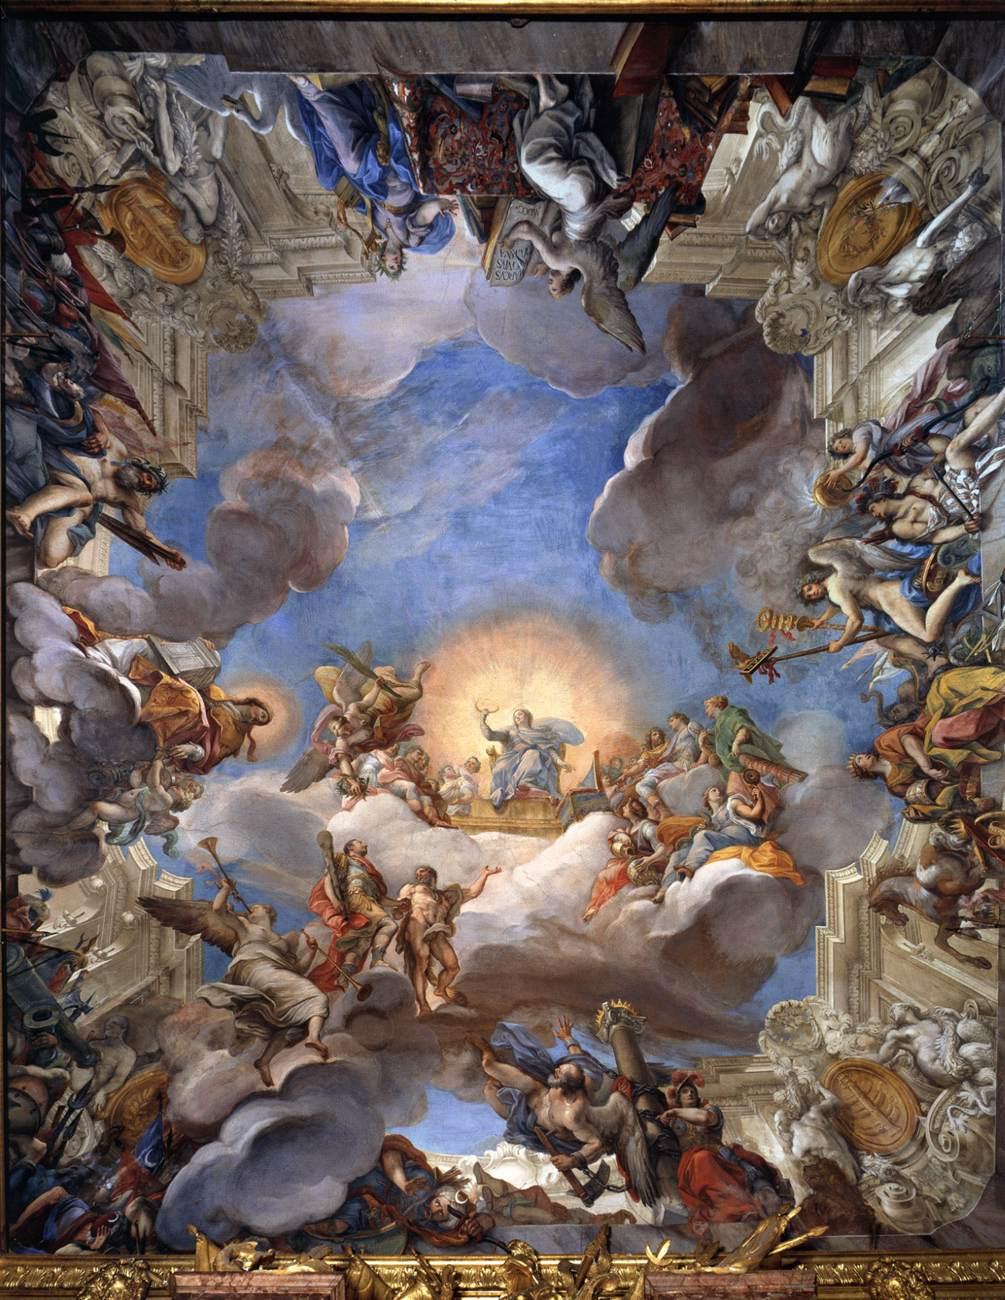 Giuseppe Bartolomeo Chiari (1654 Rome 1727), Apotheose van Marcantonio Colonna, 1698-1700, Fresco, Palazzo Colonna, Rome